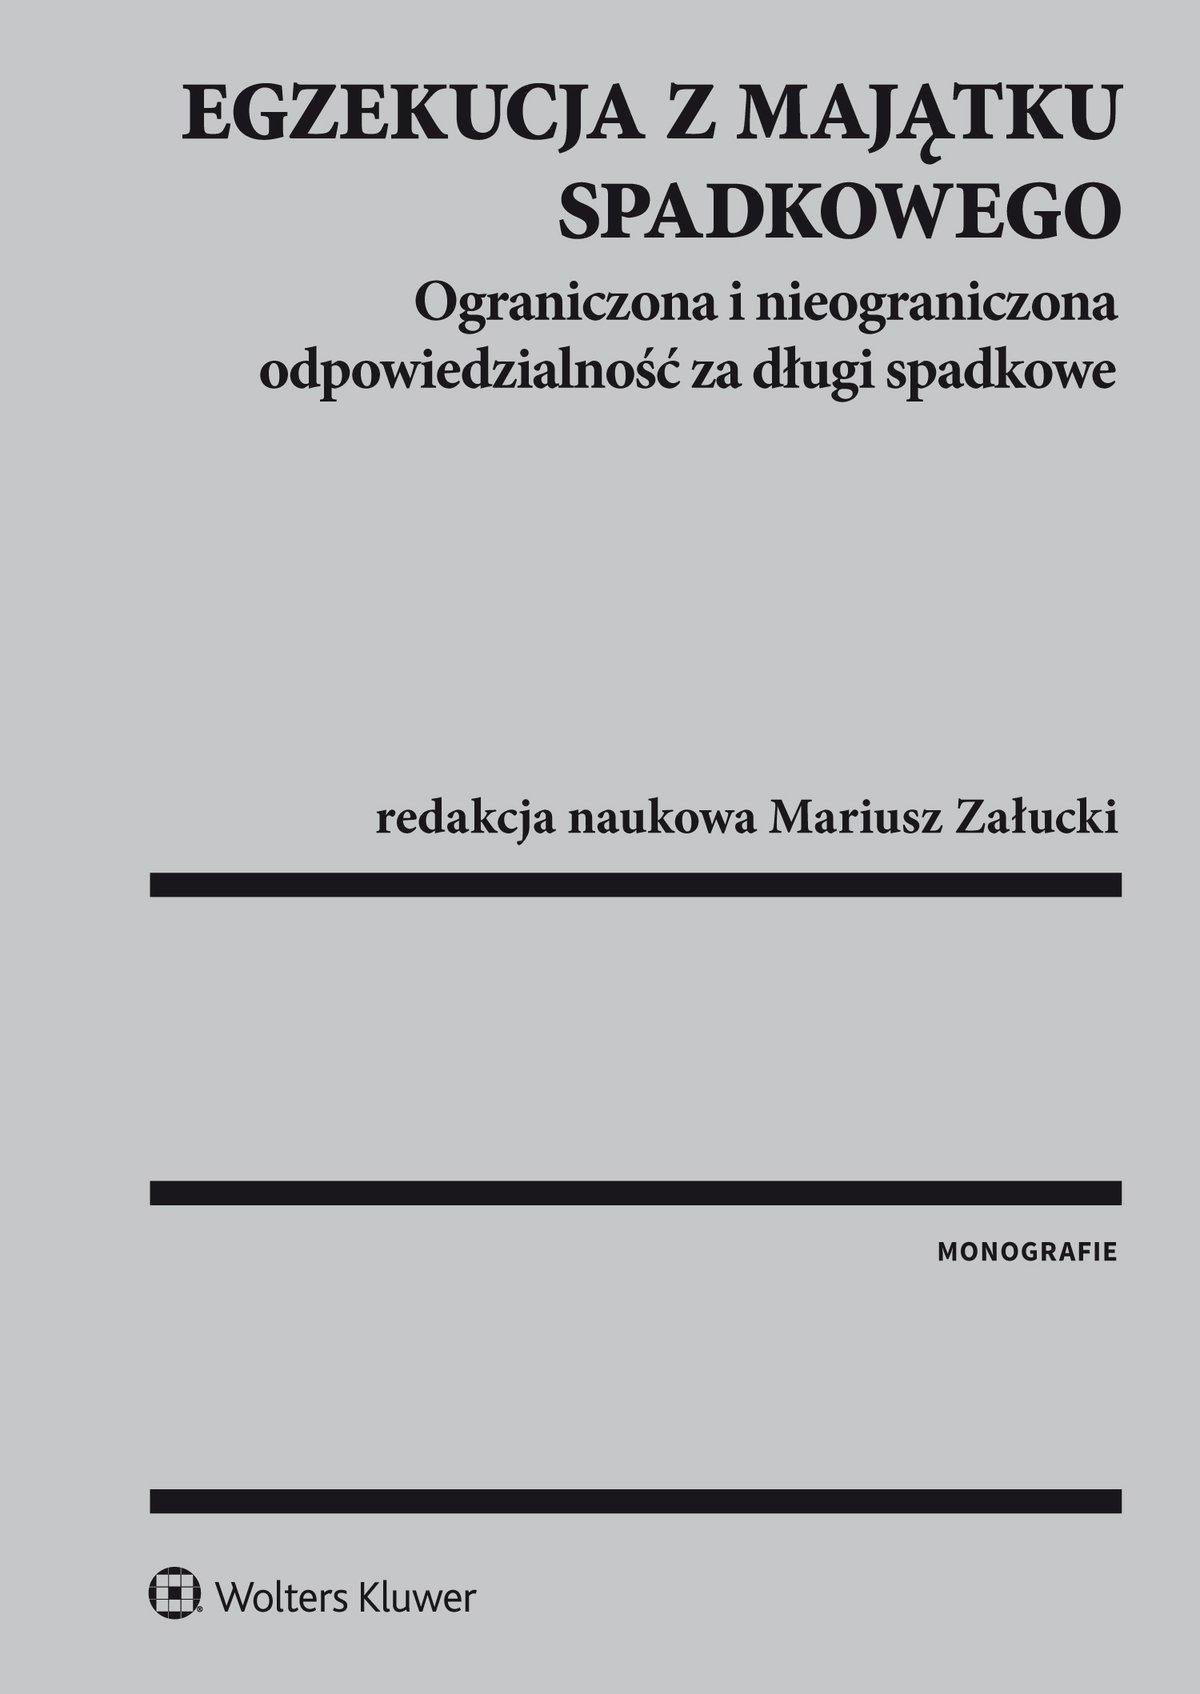 Egzekucja z majątku spadkowego. Ograniczona i nieograniczona odpowiedzialność za długi spadkowe - Ebook (Książka PDF) do pobrania w formacie PDF